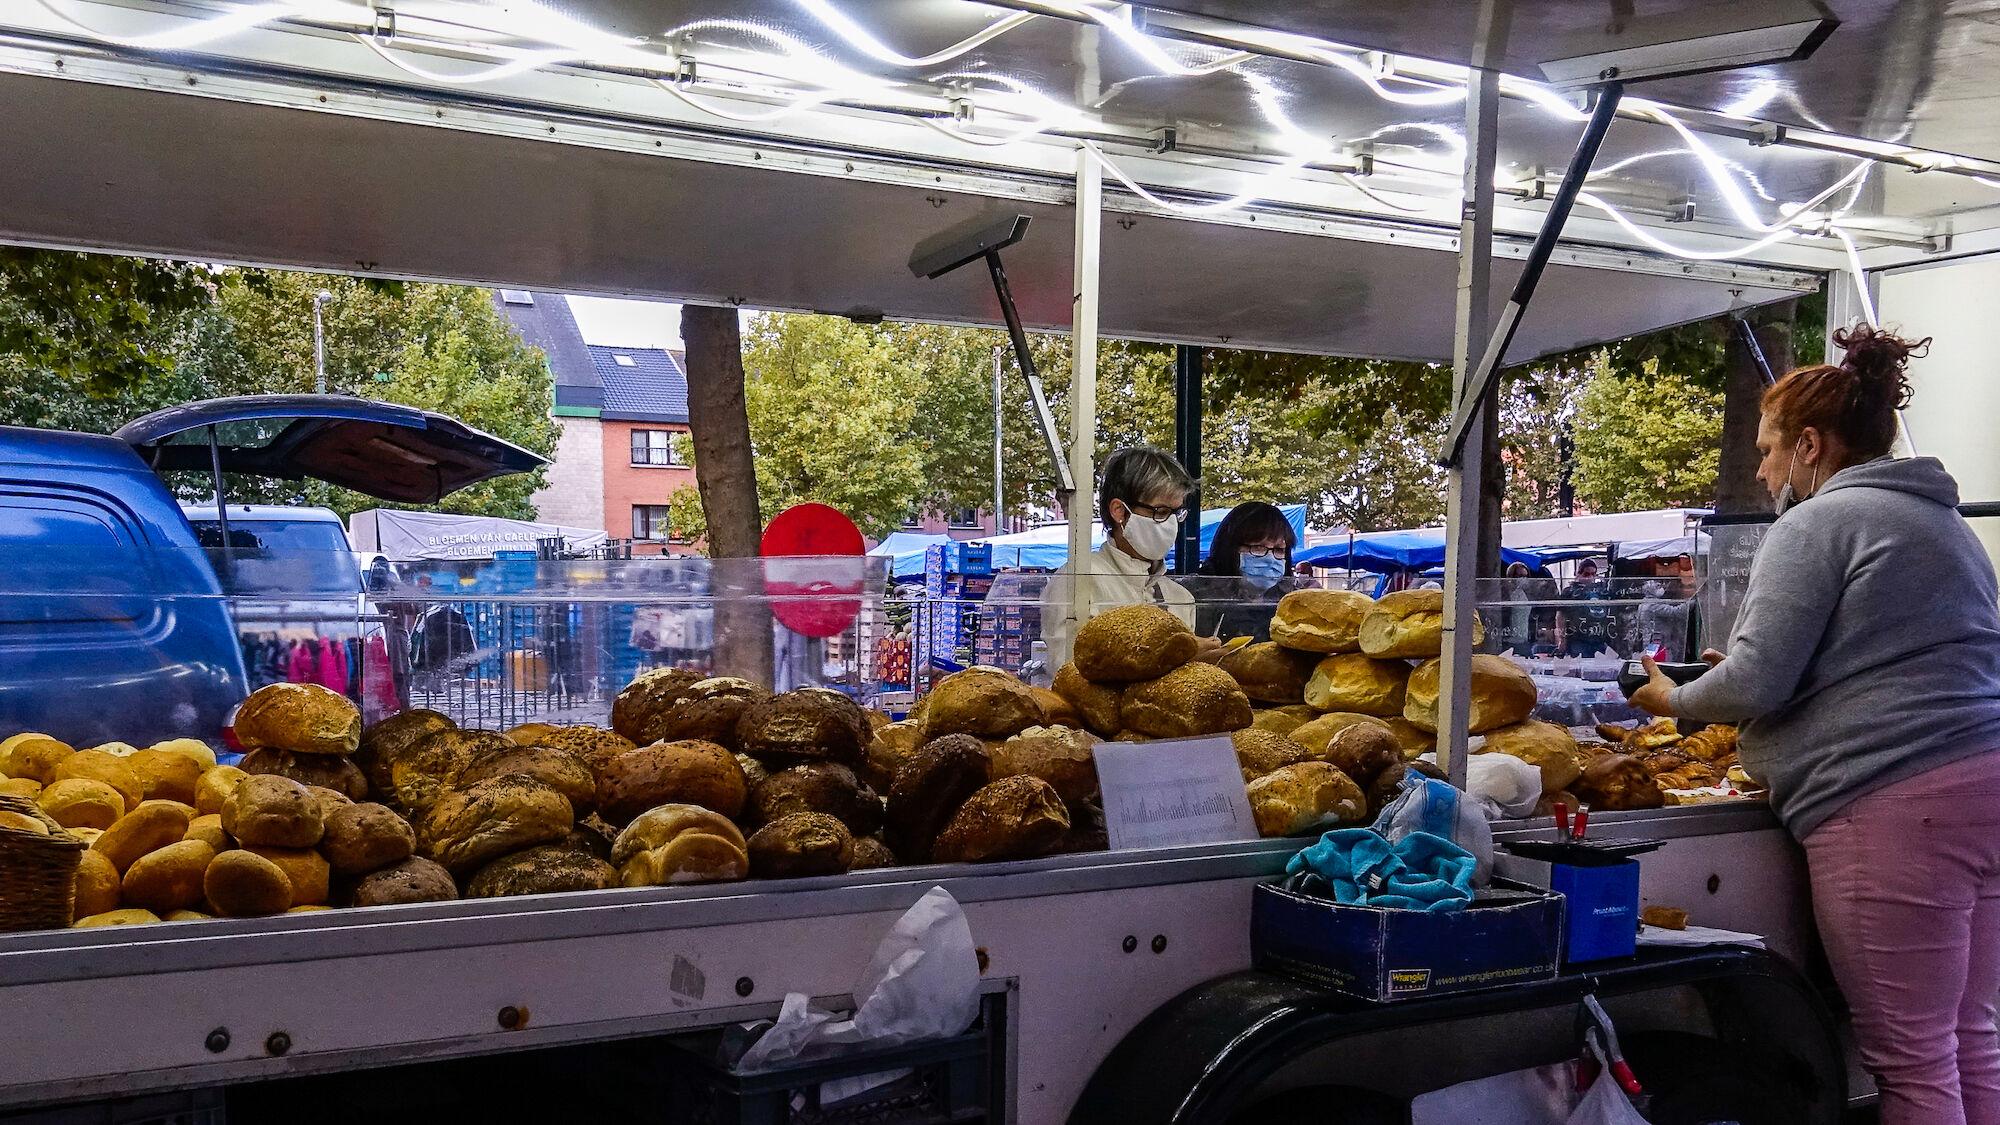 2020-09-20 Wijk 9 Bloemekeswijk Markt Van Beverenplein _DSC1007.jpg